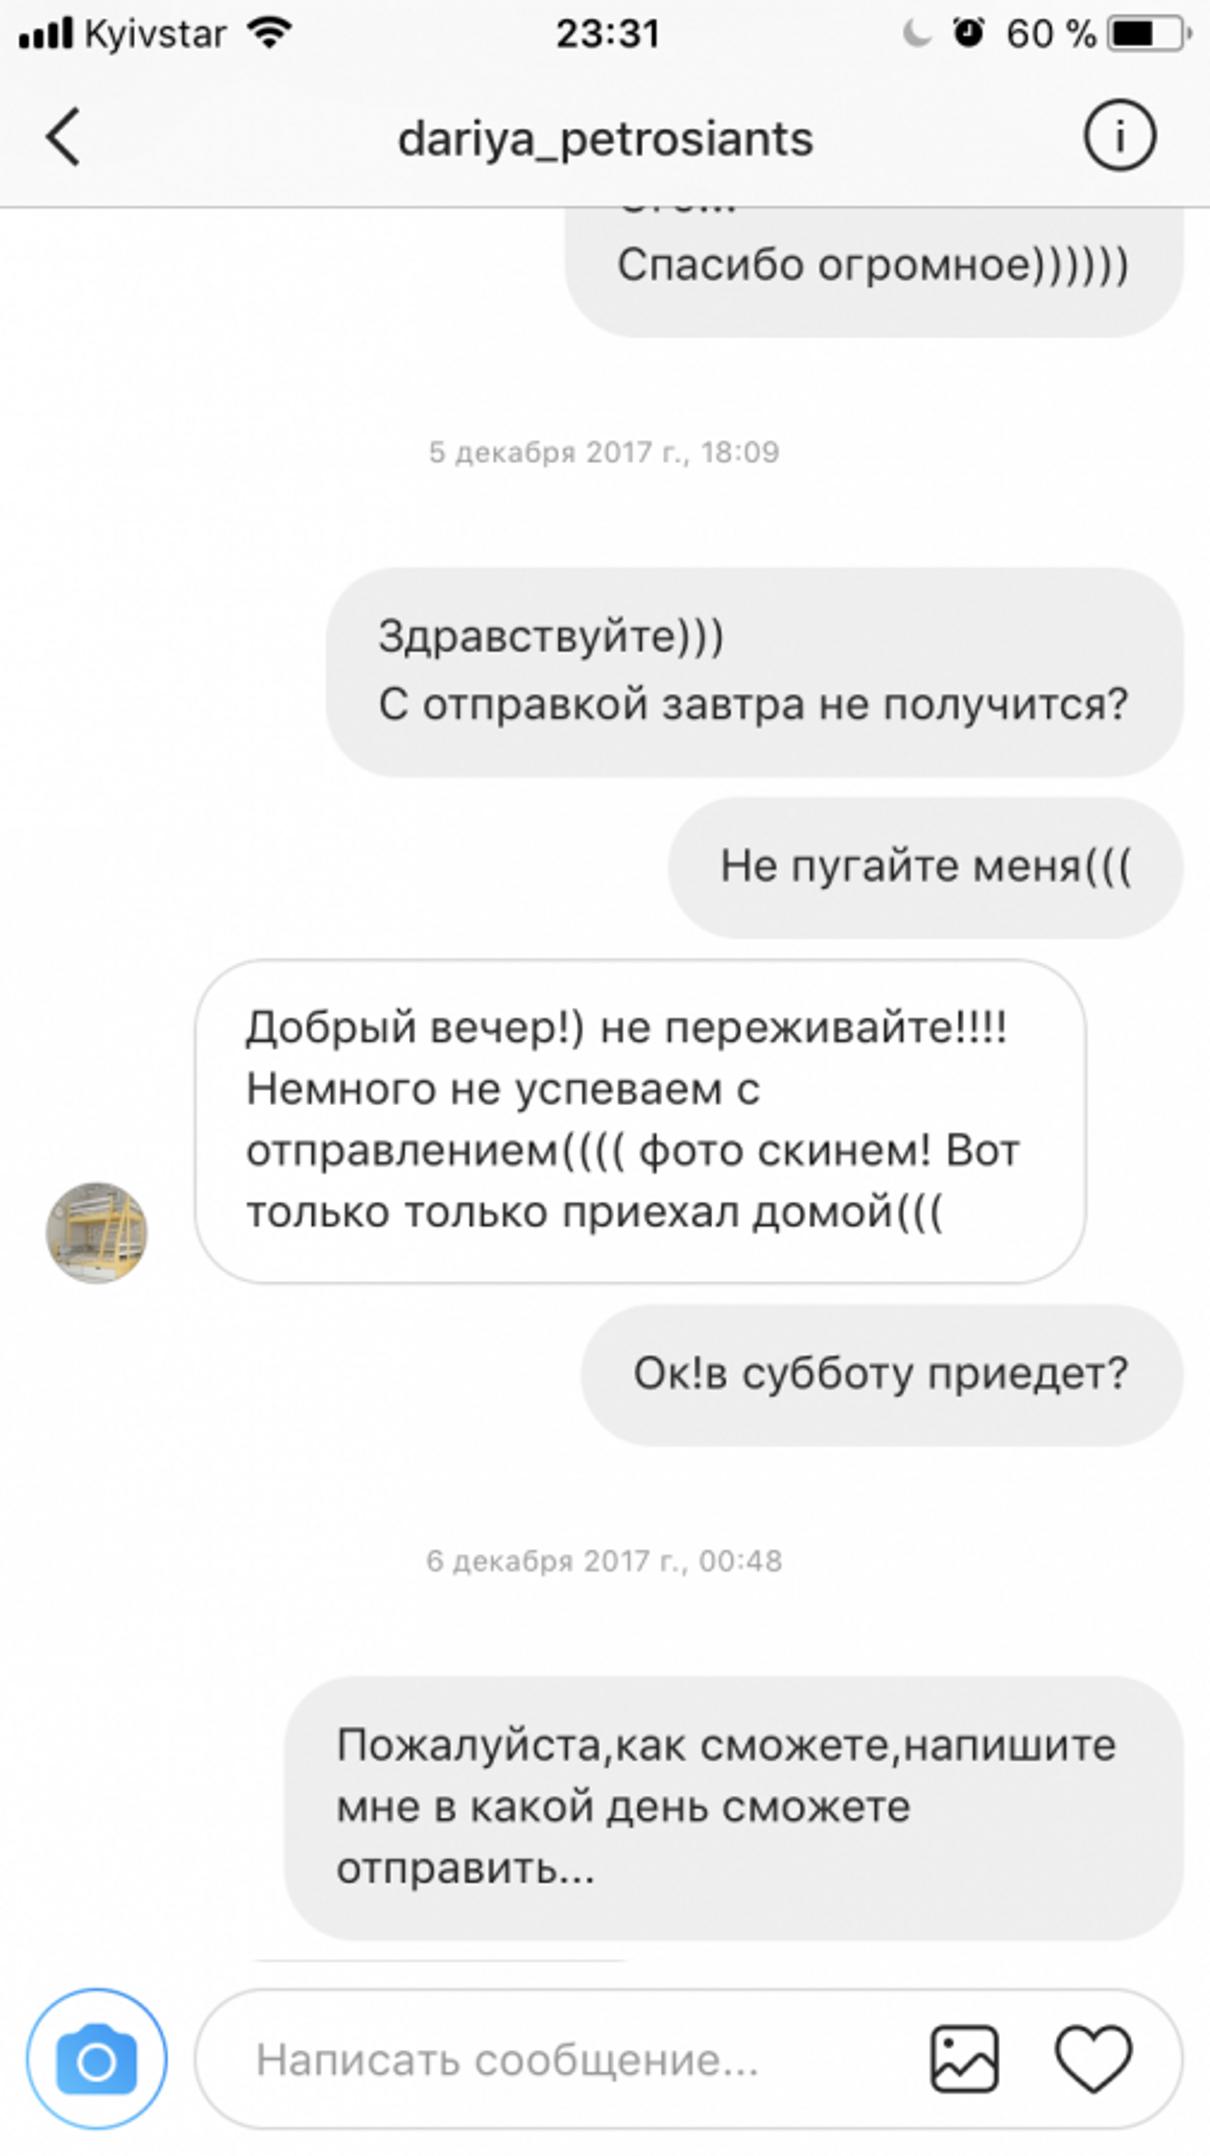 Жалоба-отзыв: Комар Виктория Анатольевна - Взяли предоплату за детскую мебель, а мебели нет!